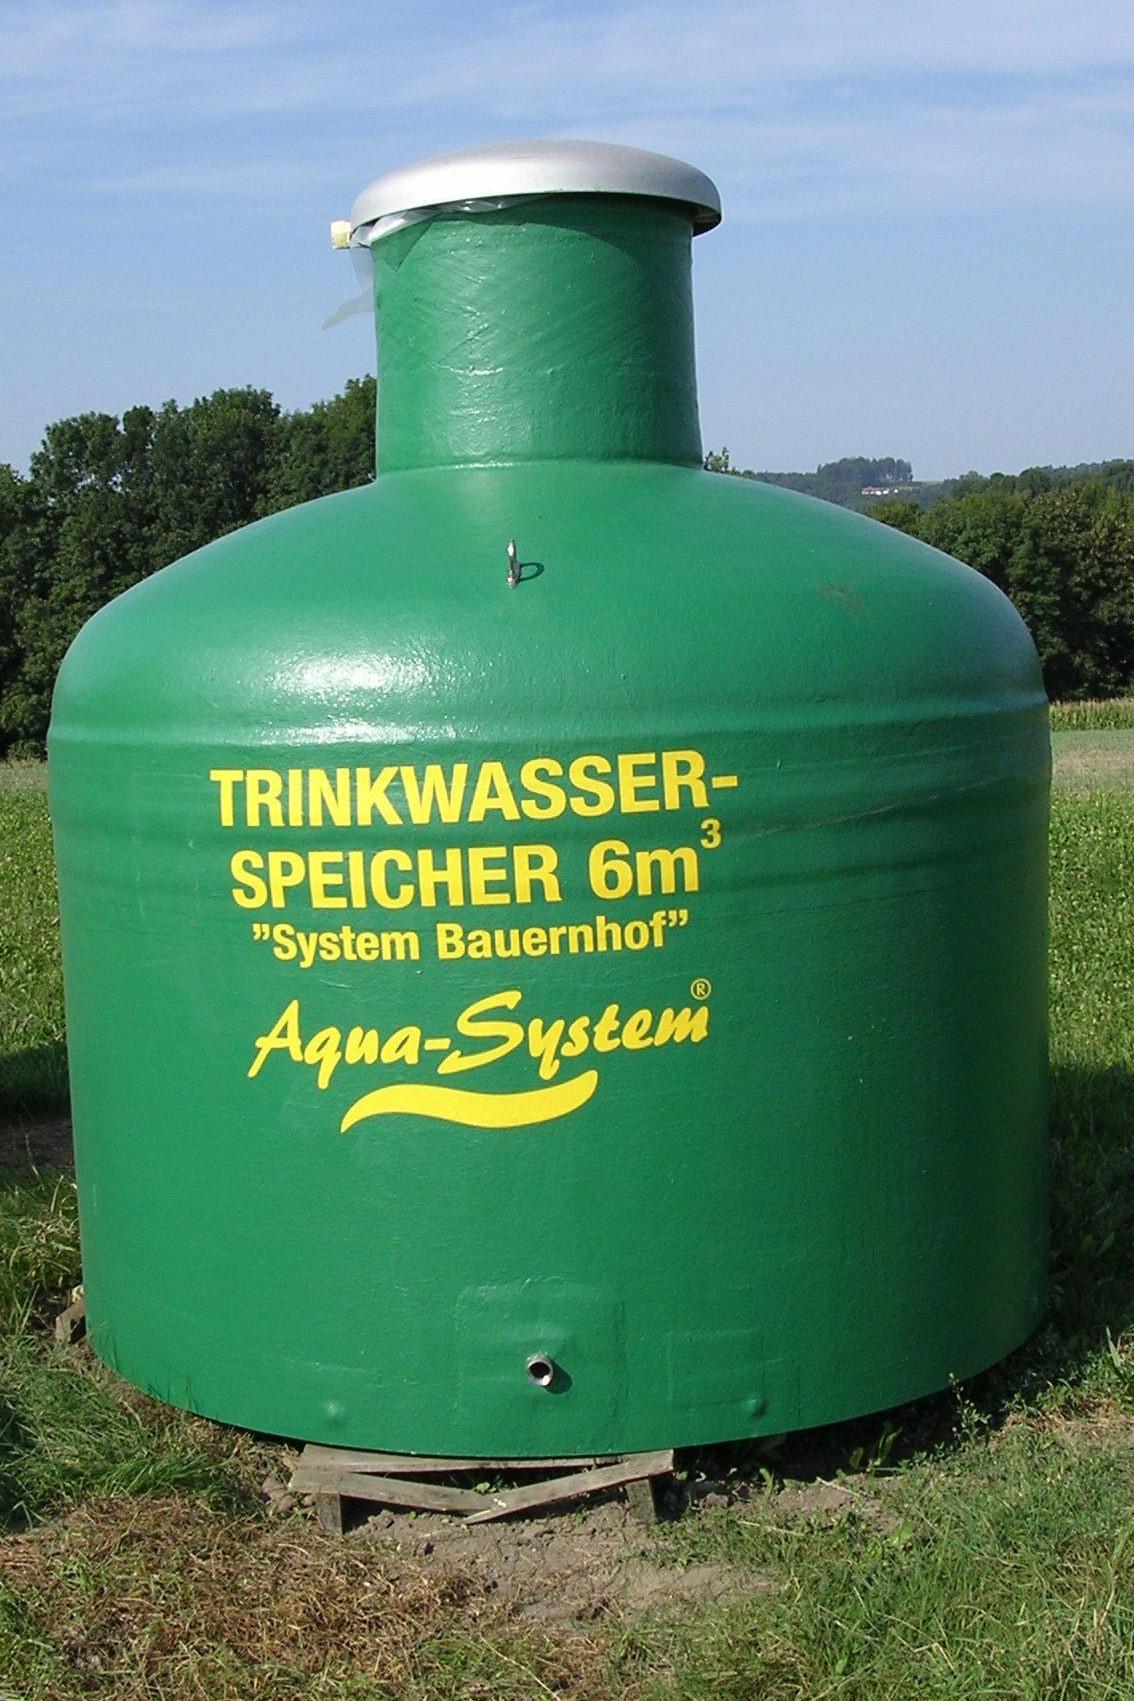 trinkwasserepeicher_Bauernhof1